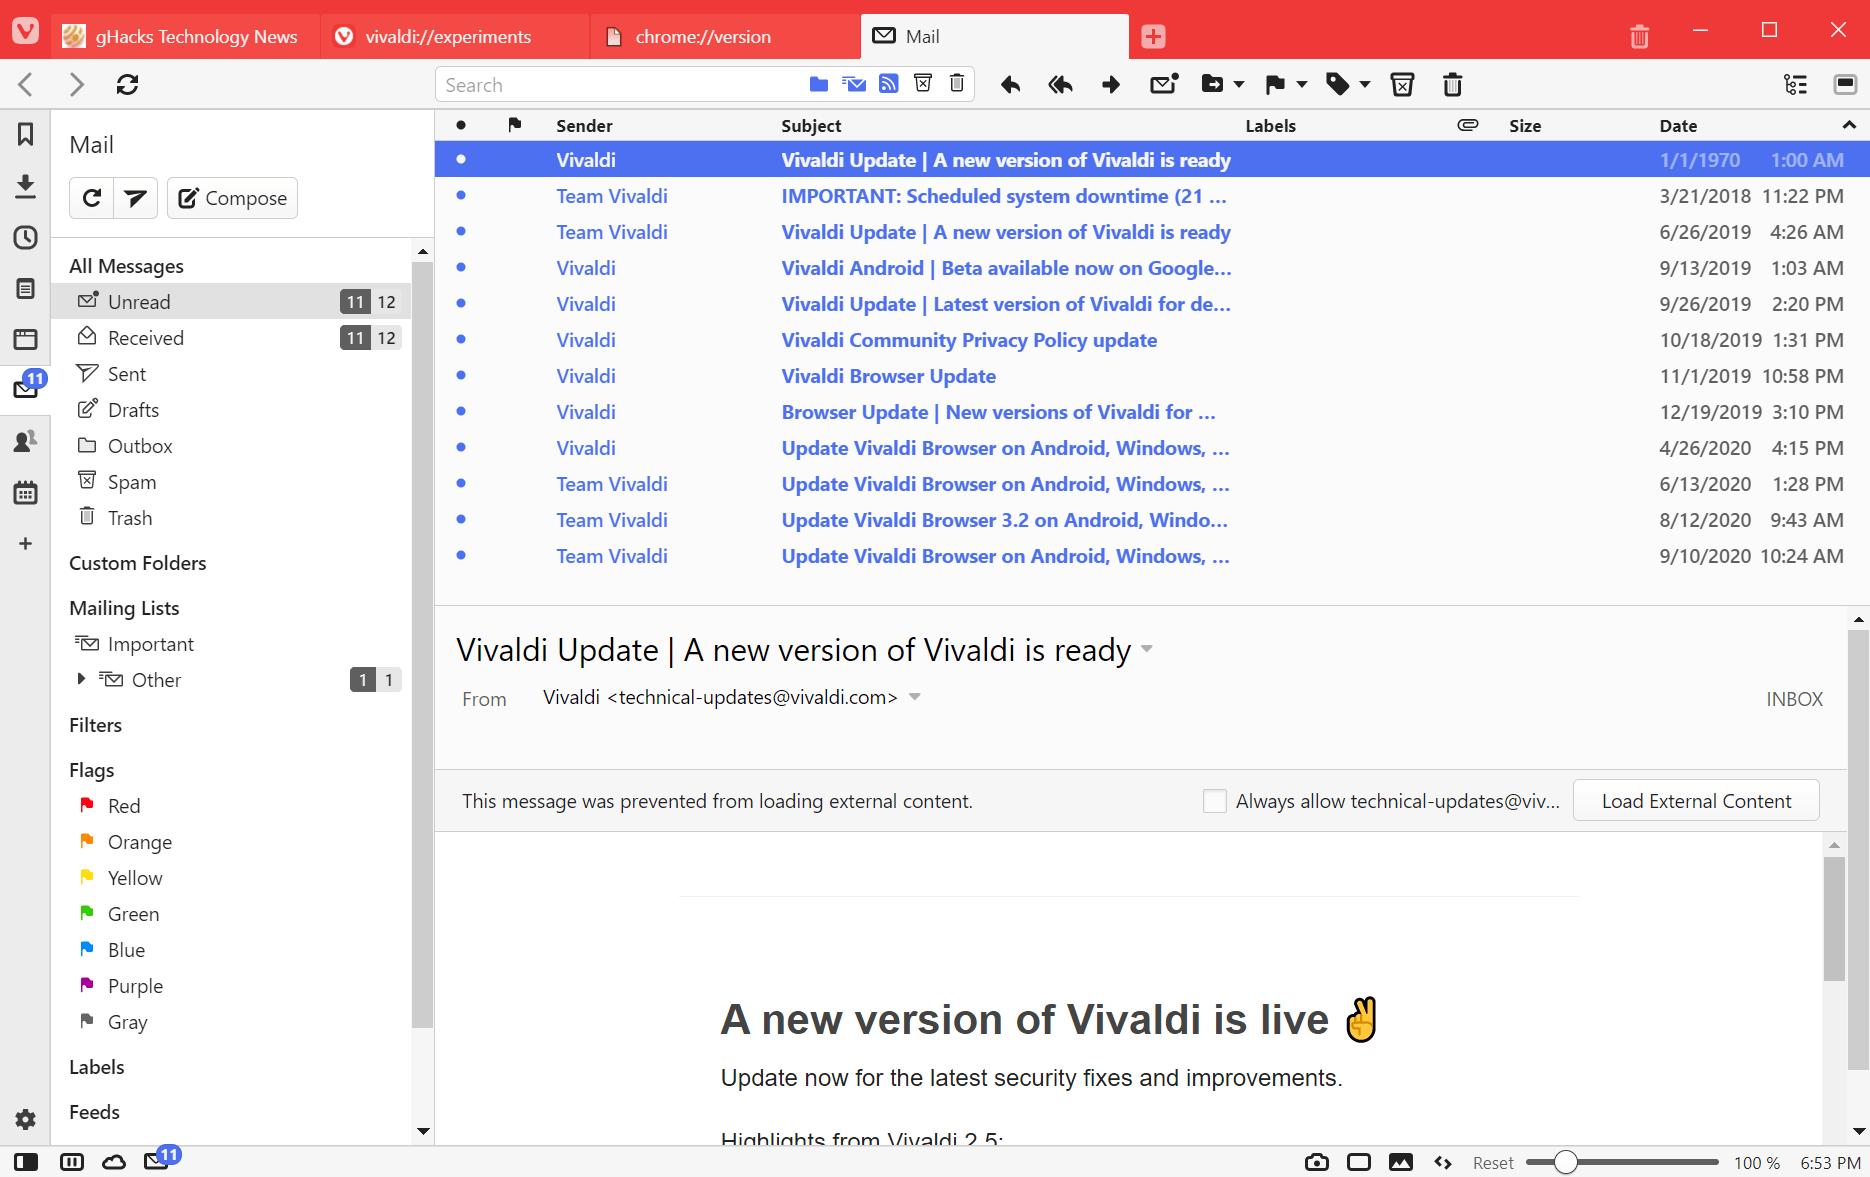 correo de Vivaldi